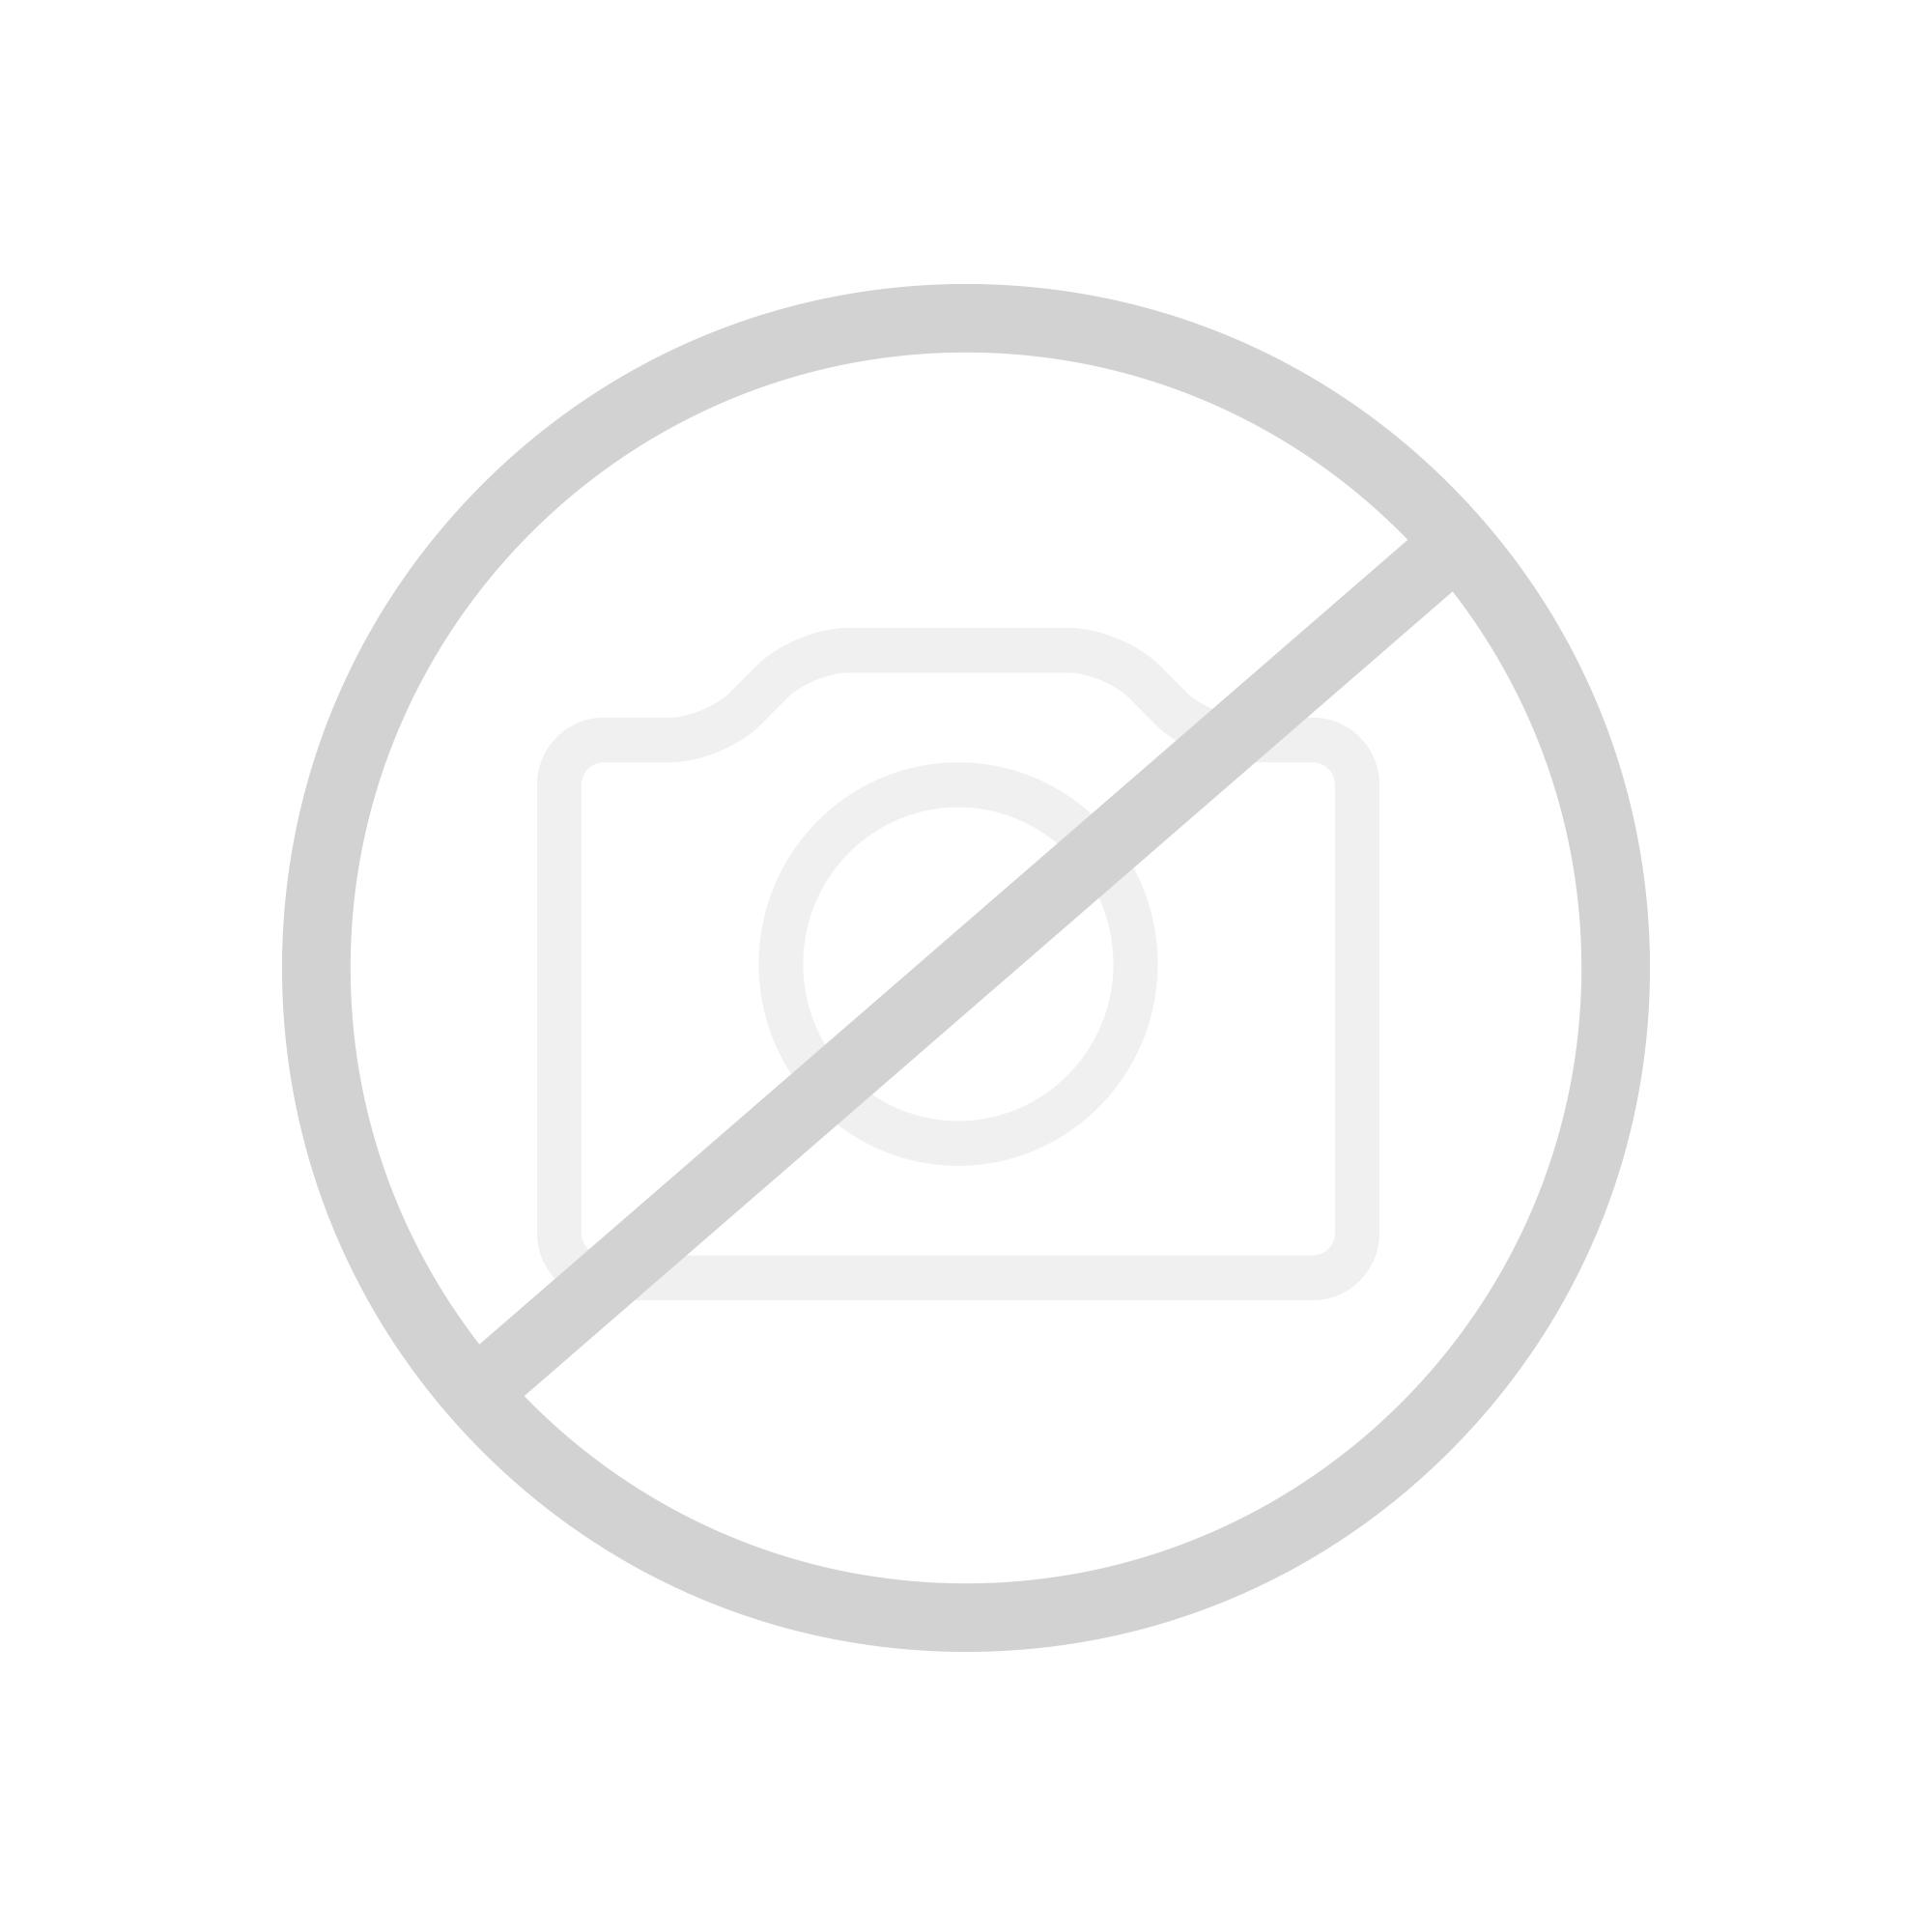 Keuco Plan Toilettenpapierhalter Silber Eloxiert/chrom